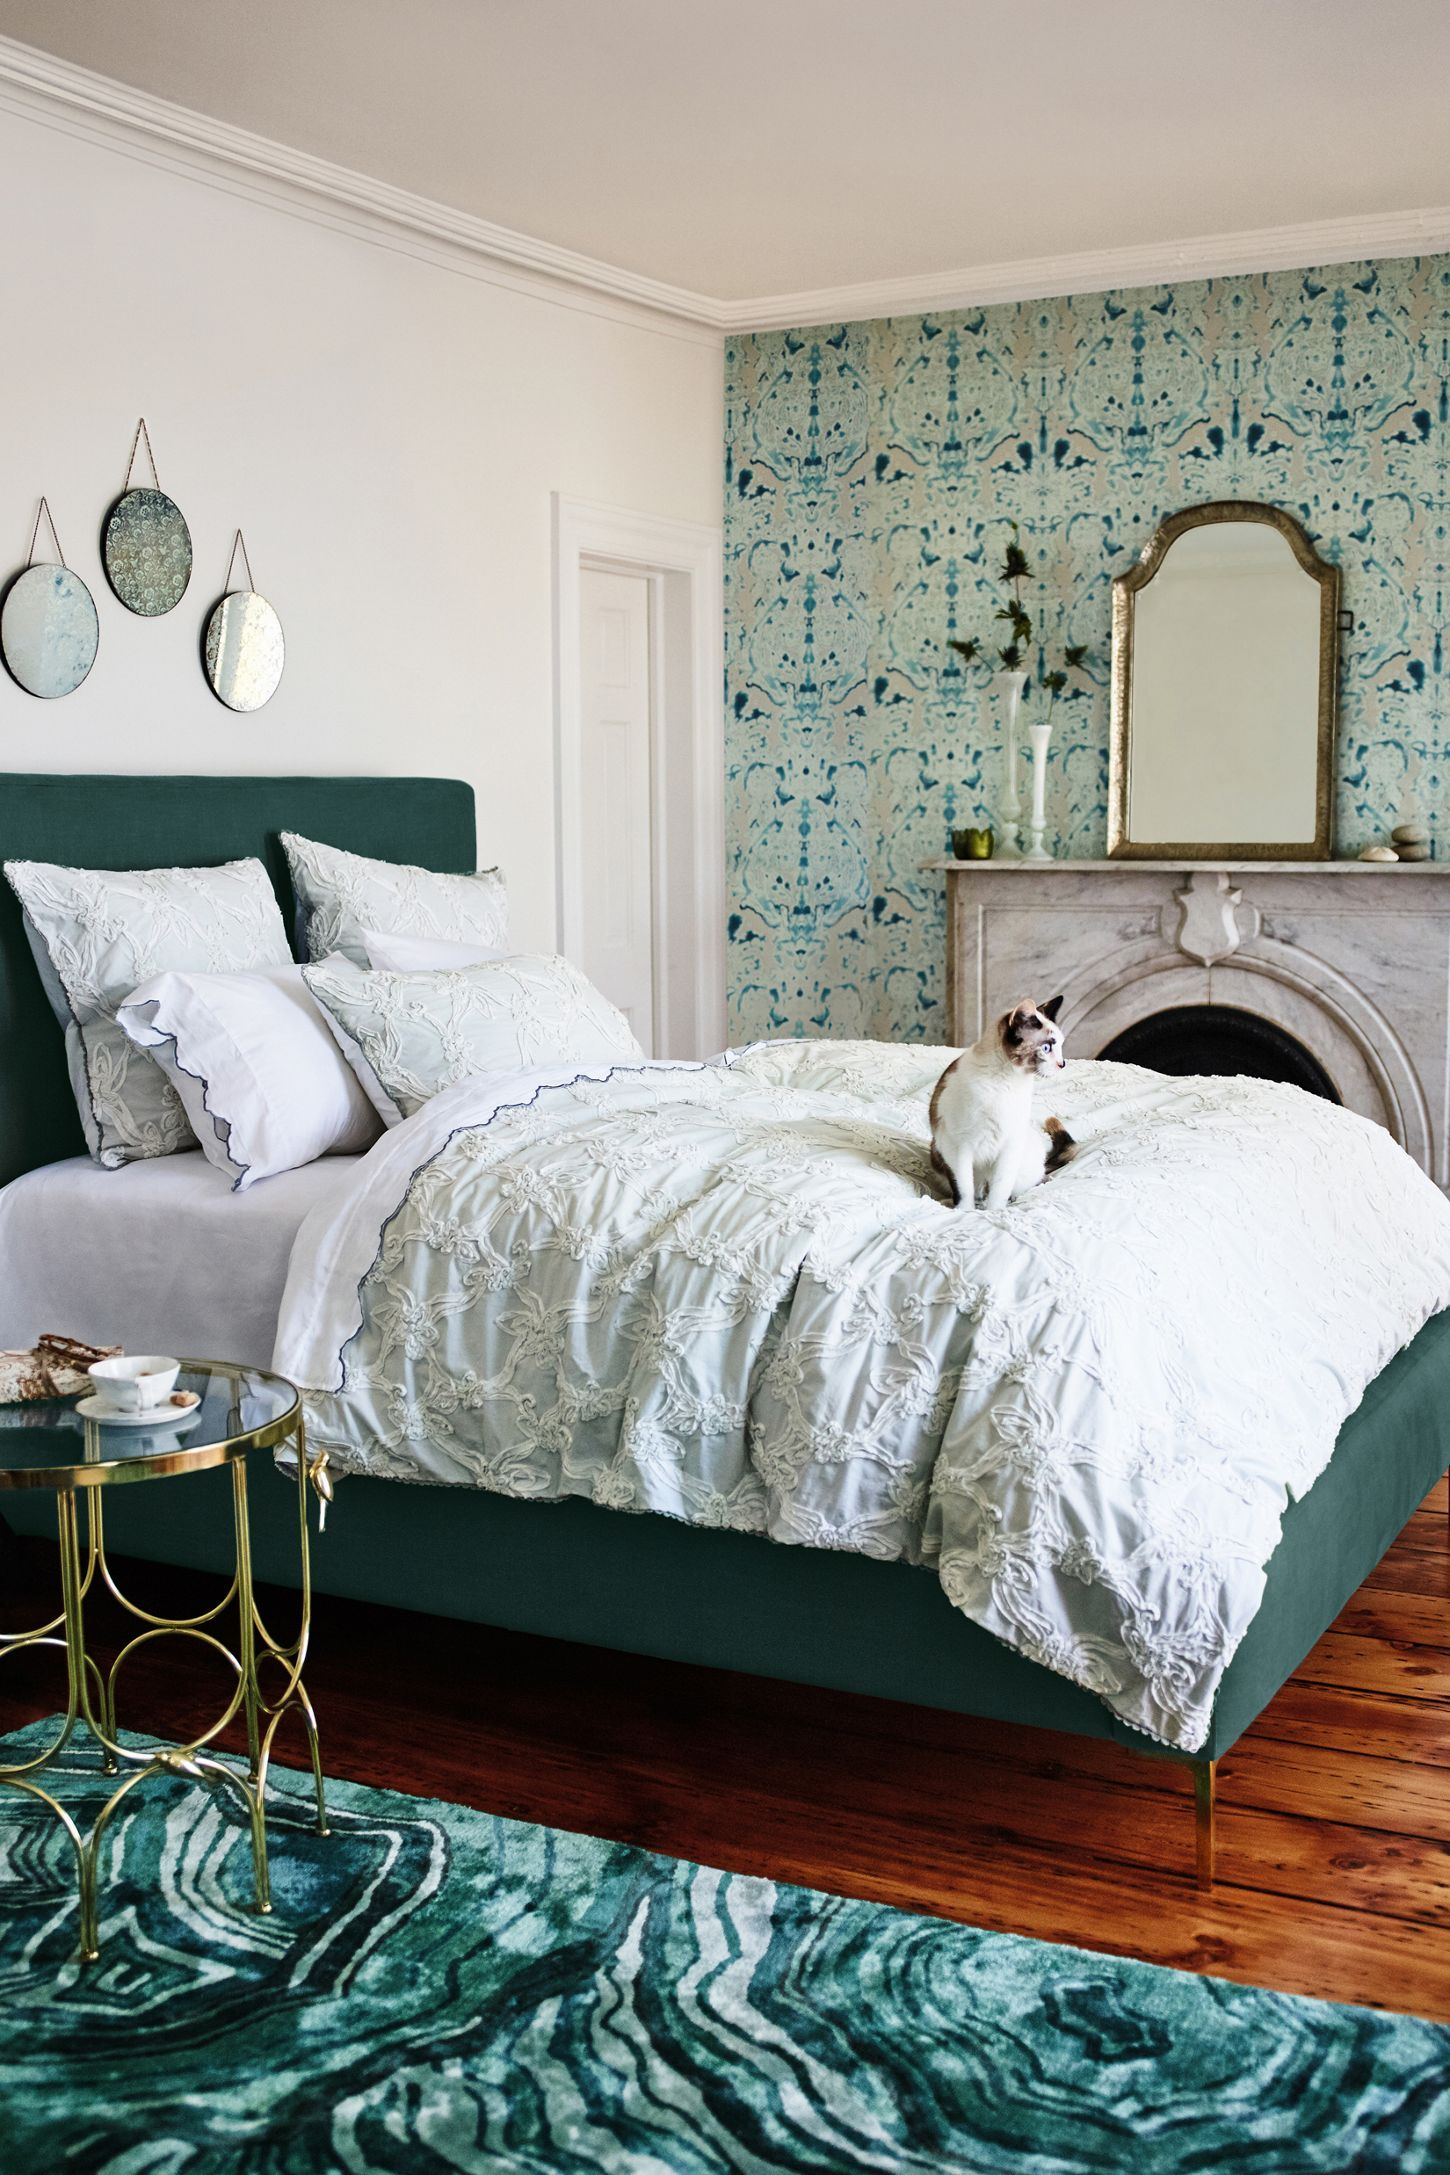 Dormitorio decorado con papel pintado en una pared